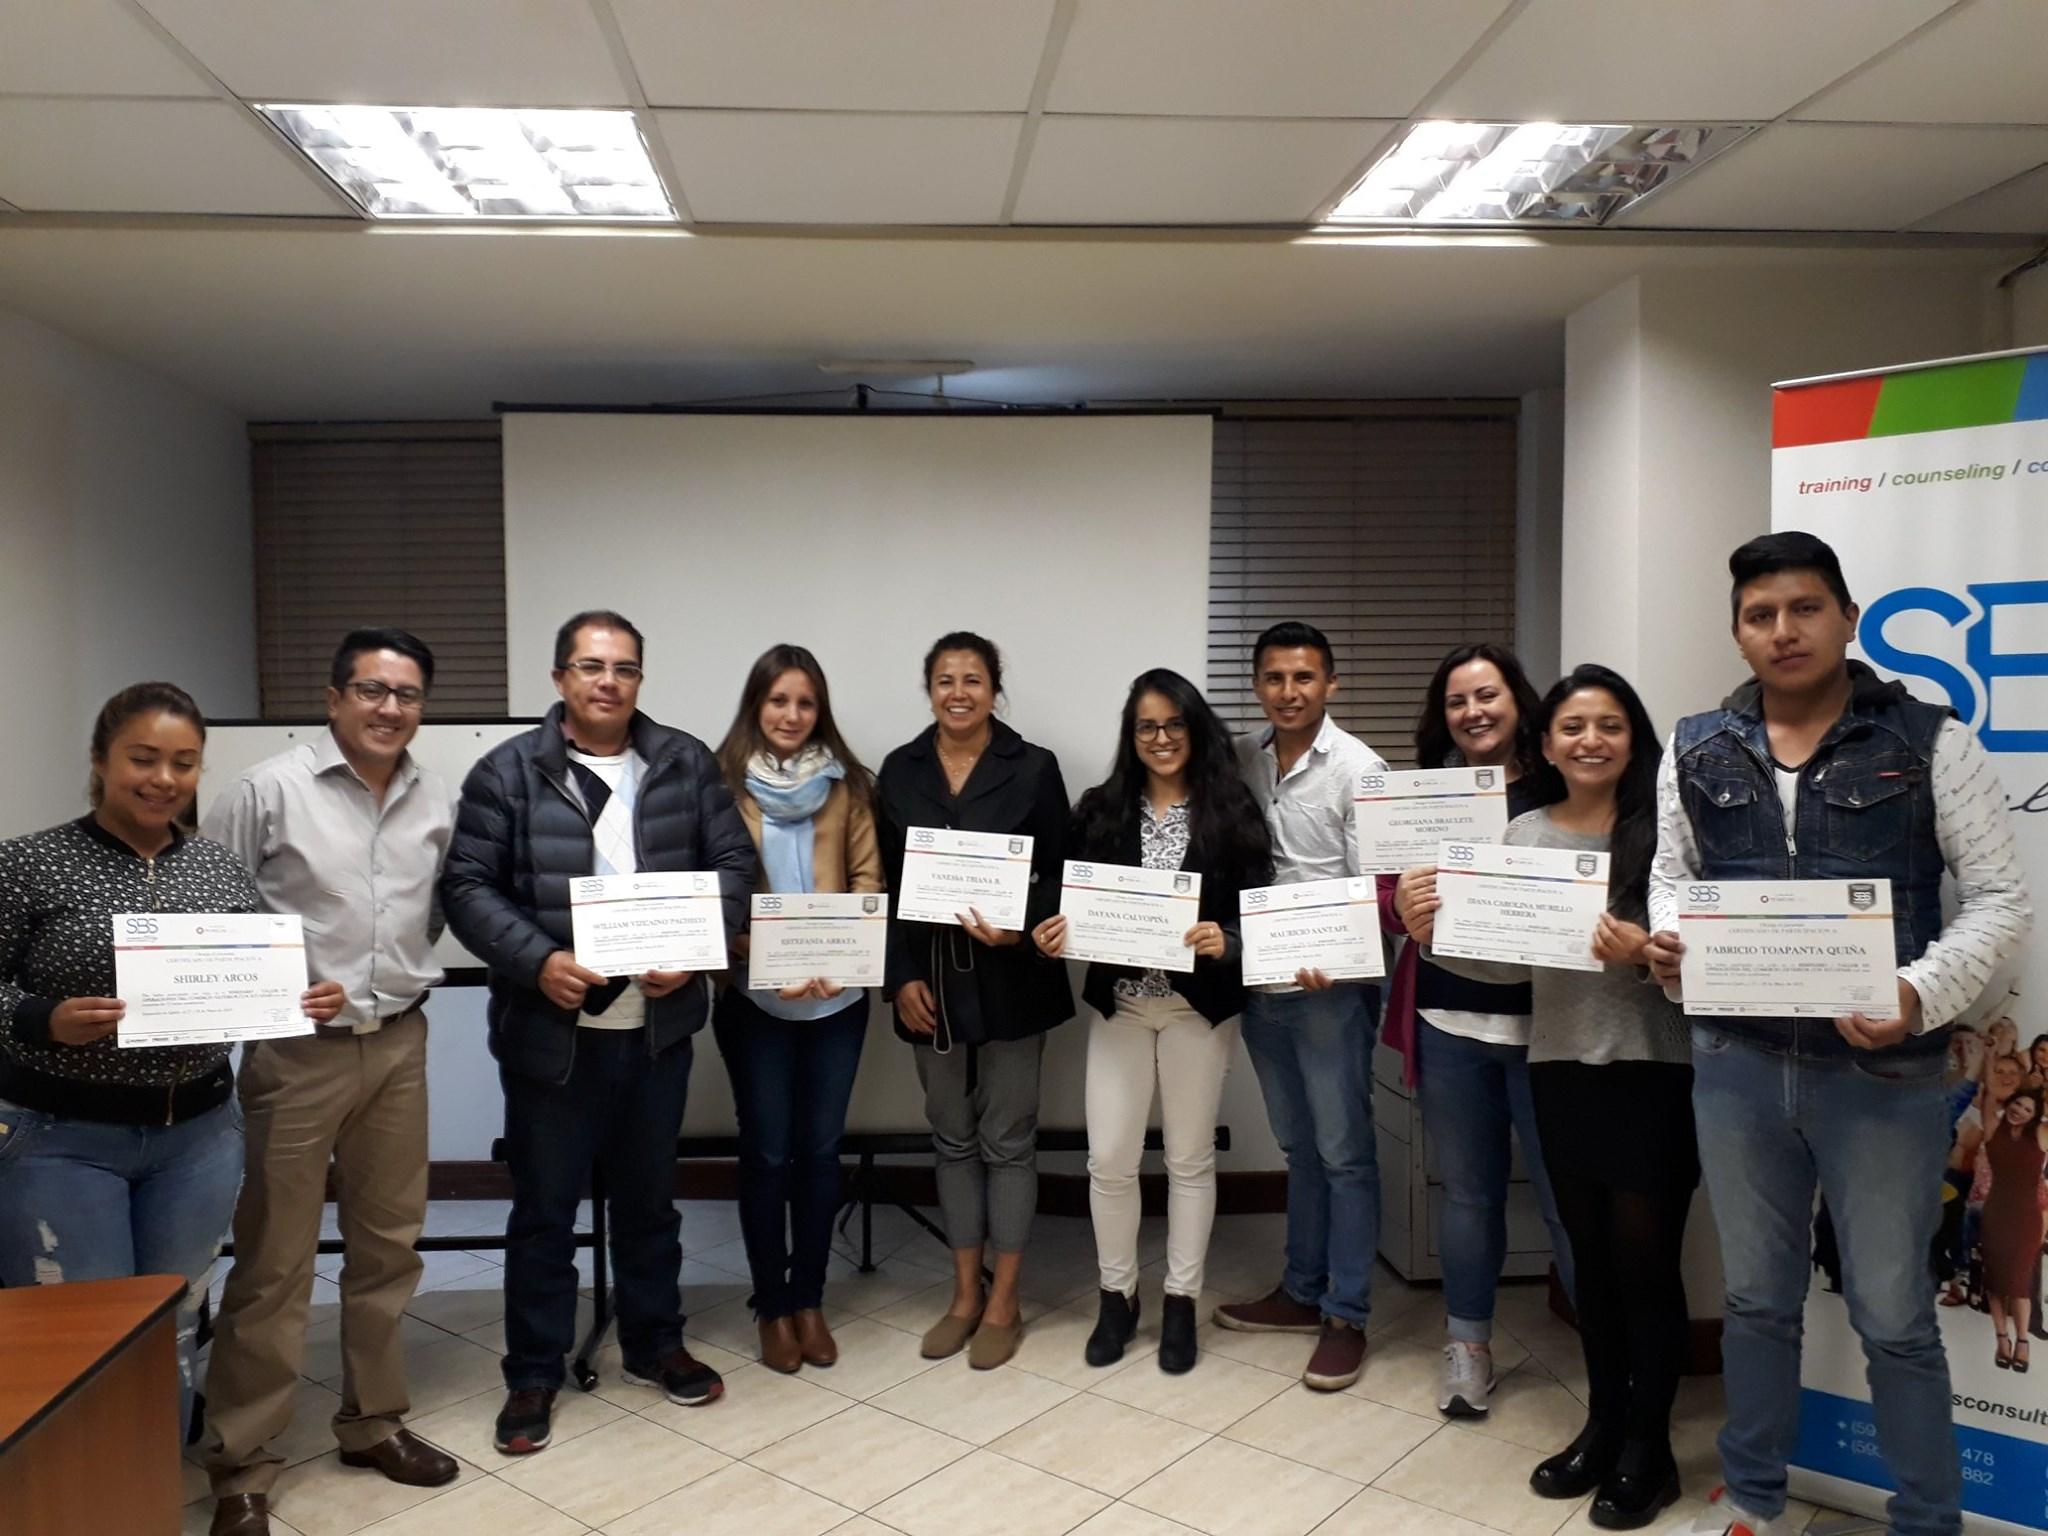 Operaciones del Comercio Exterior con ECUAPASS (Quito)